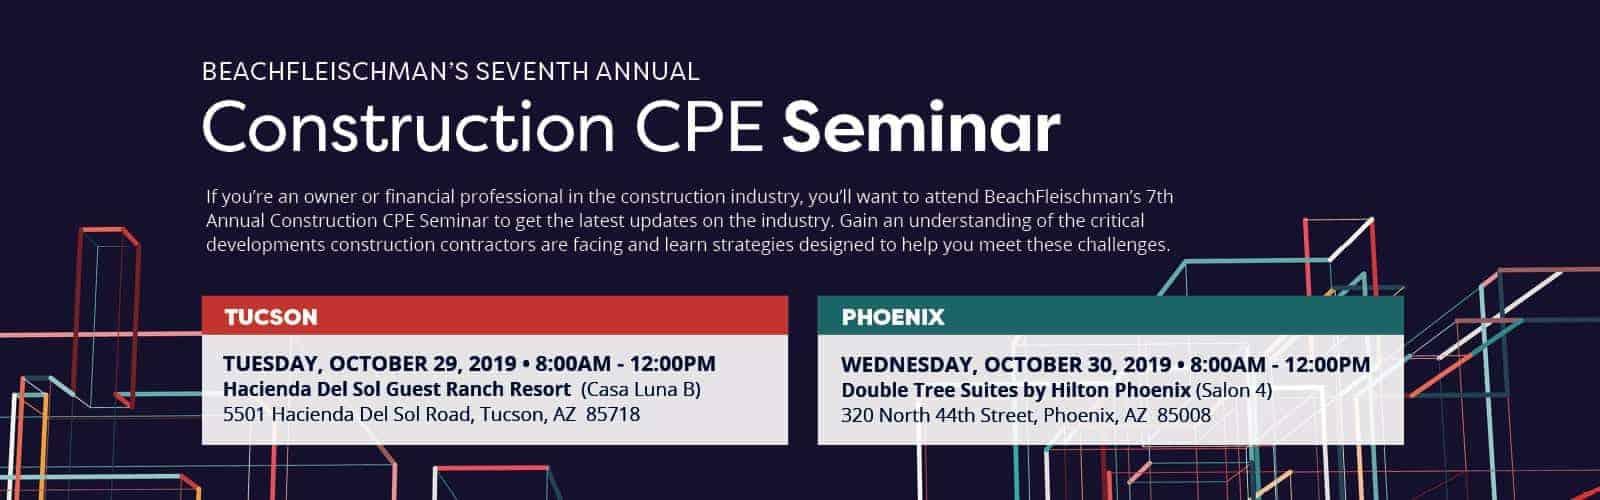 2019 Construction CPE Seminar